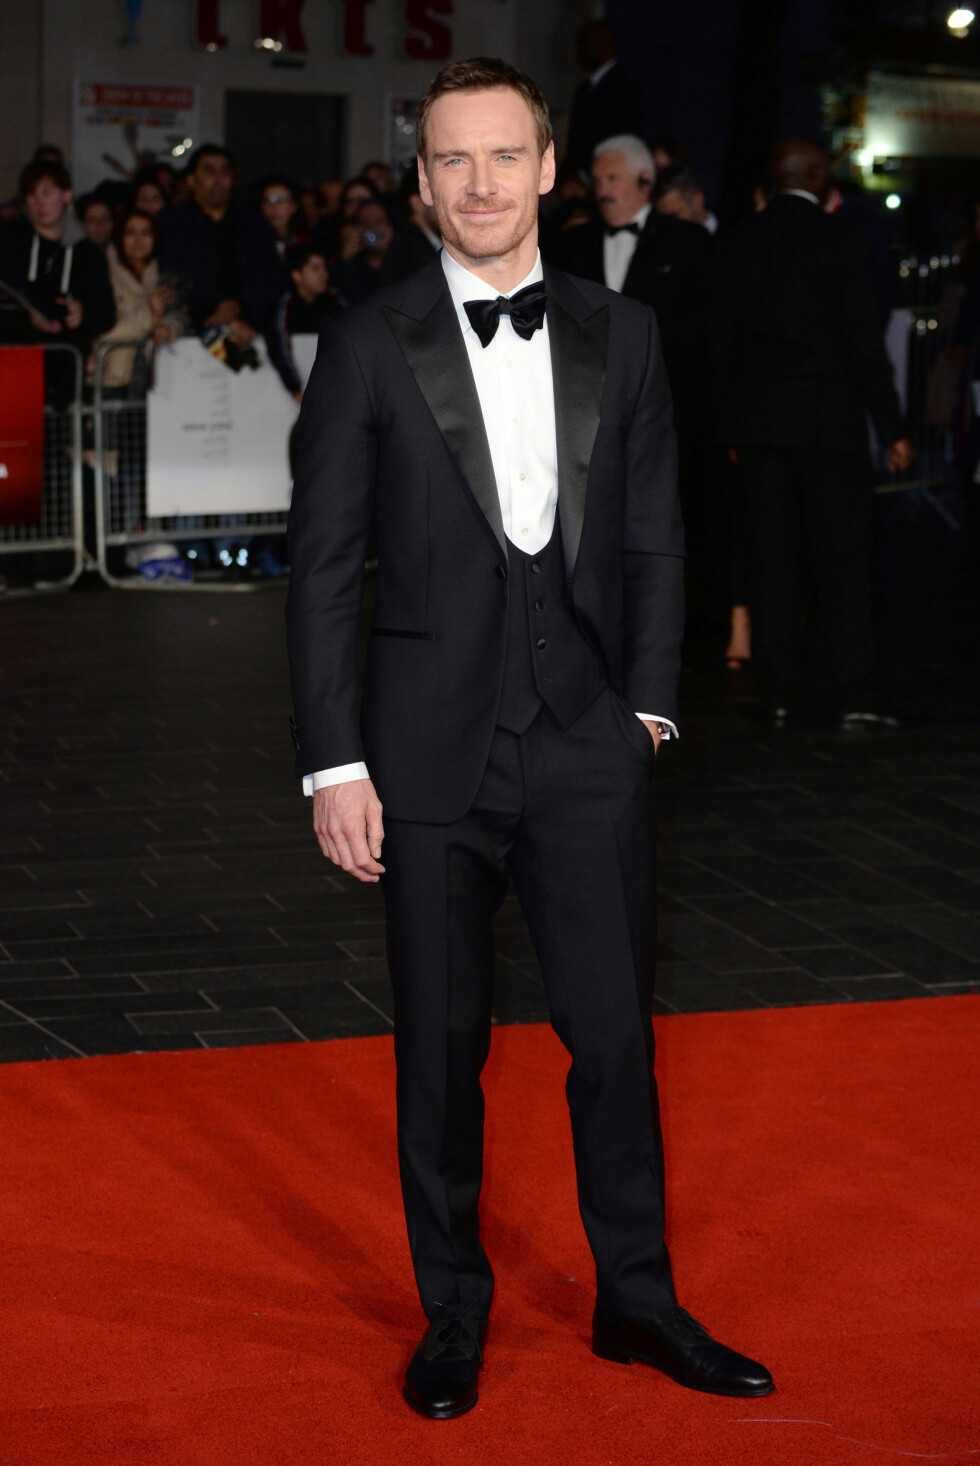 KLASSISK: Hovedrolleinnehaver Michael Fassbender i sort smoking og vest fra Thom Sweeney på «Steve Jobs»-premieren og avslutningsgallaen under BFI London Film Festival søndag 18. oktober.  Foto: Pa Photos